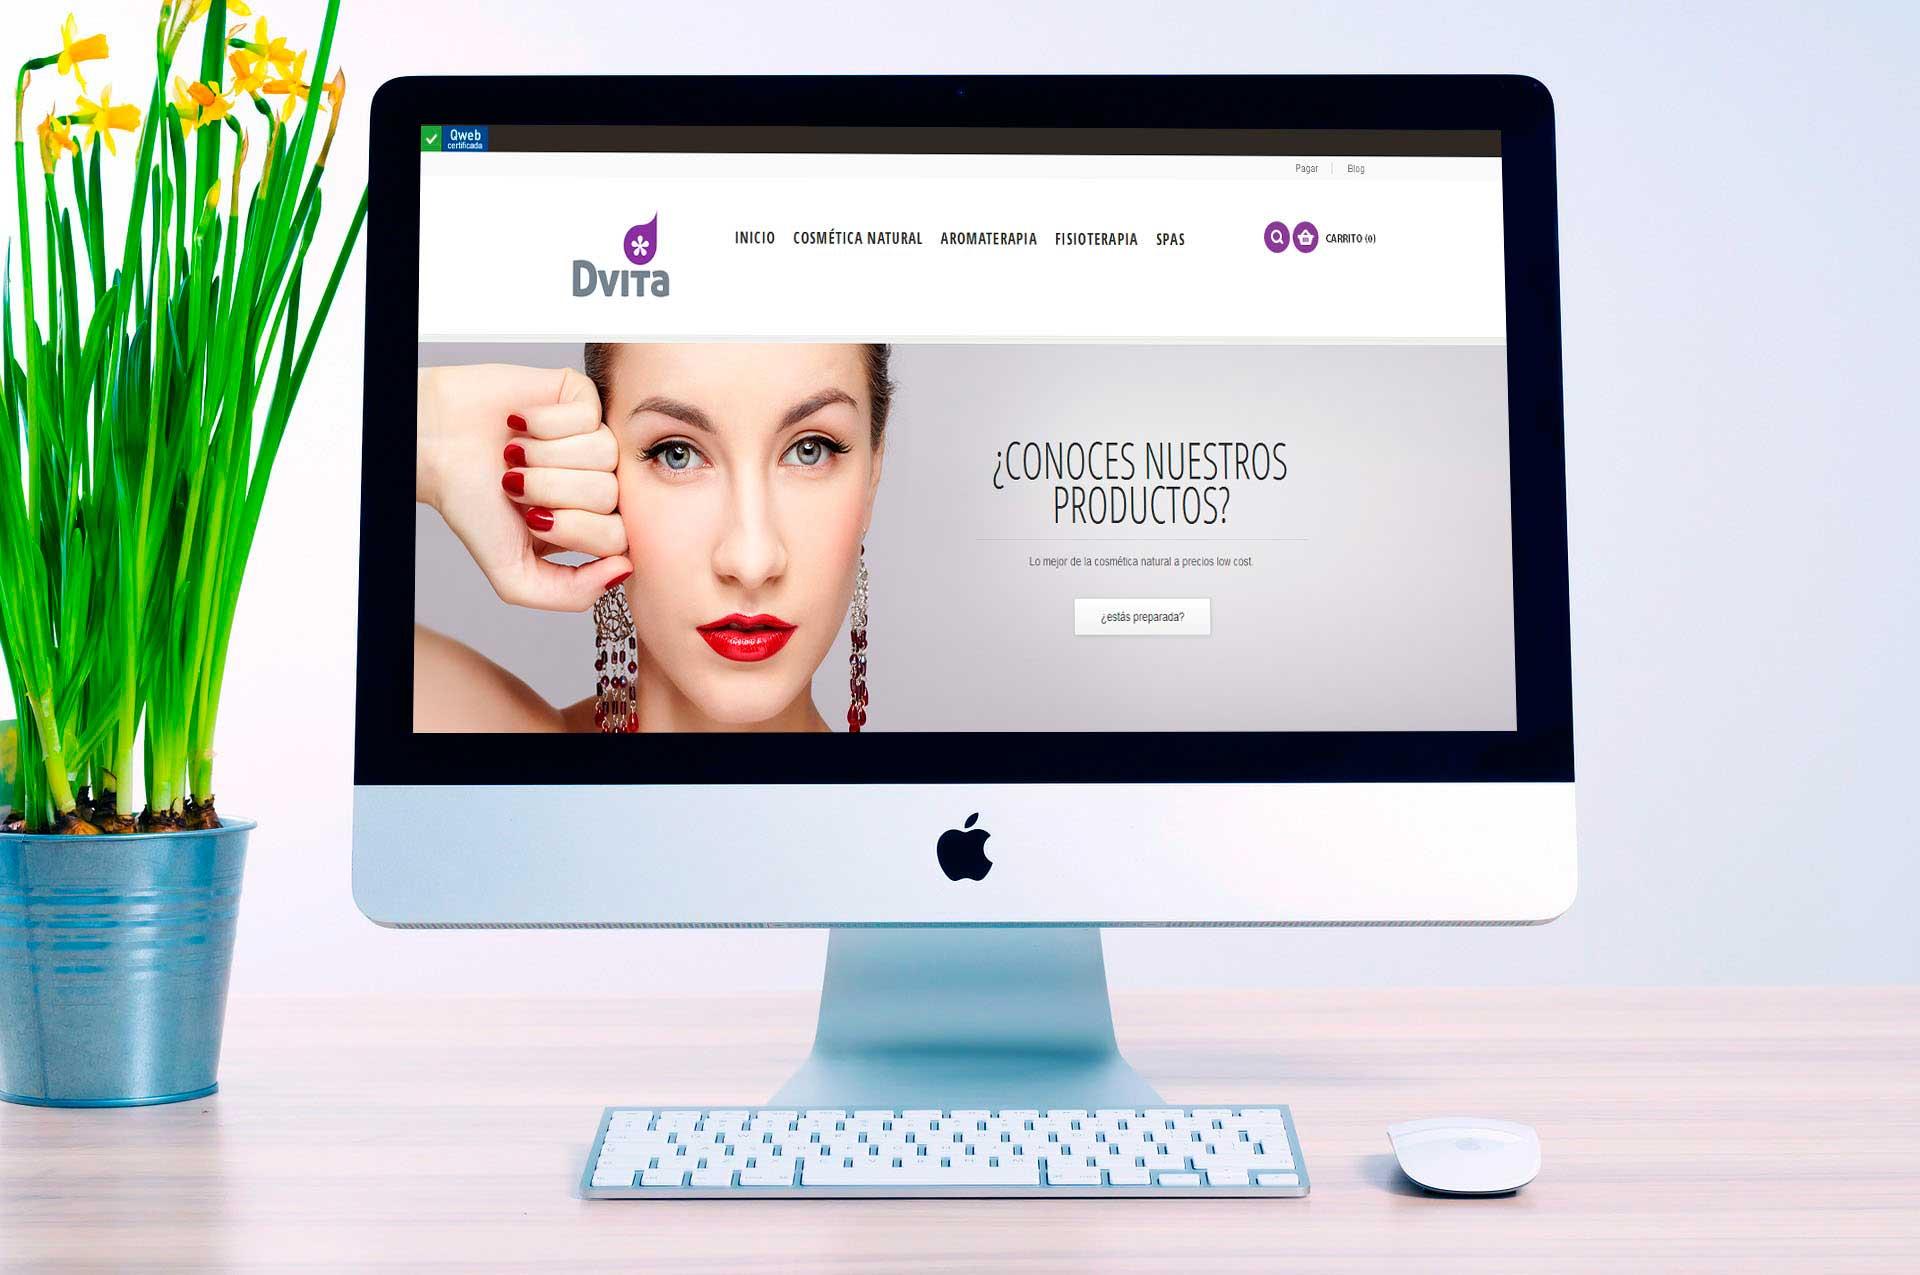 Diseño tienda online Prestashop&&ciudad&&. Diseño Tienda online&&en_ciudad&&